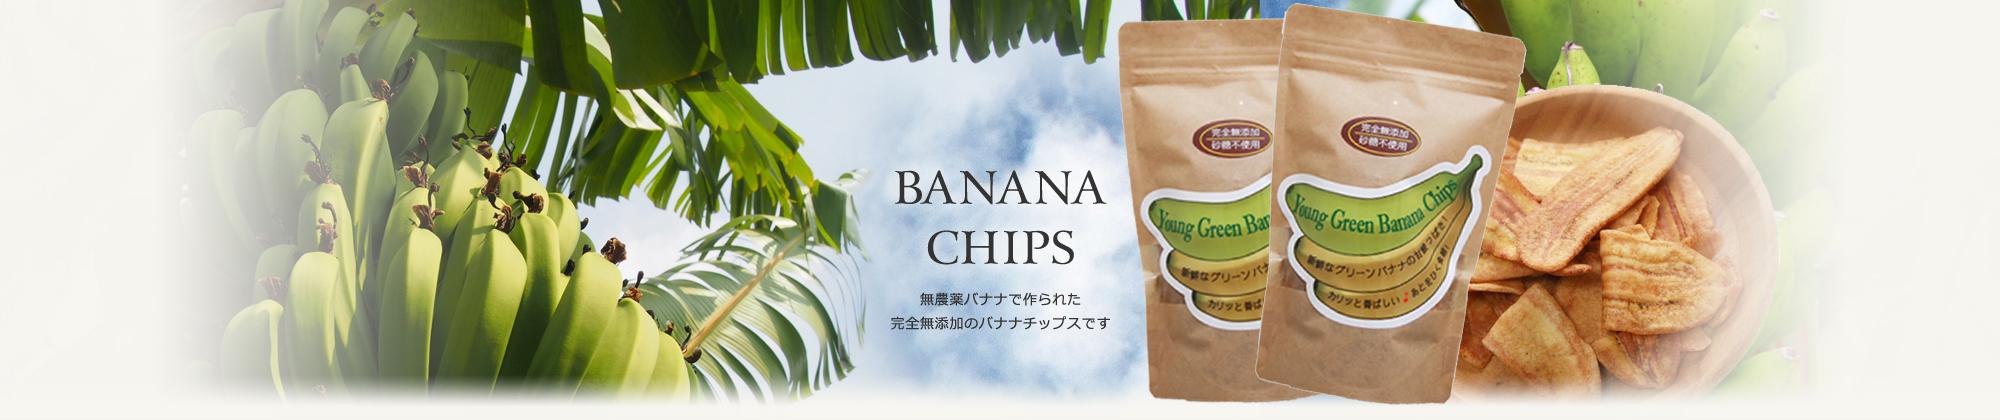 椰子屋 バナナチップス